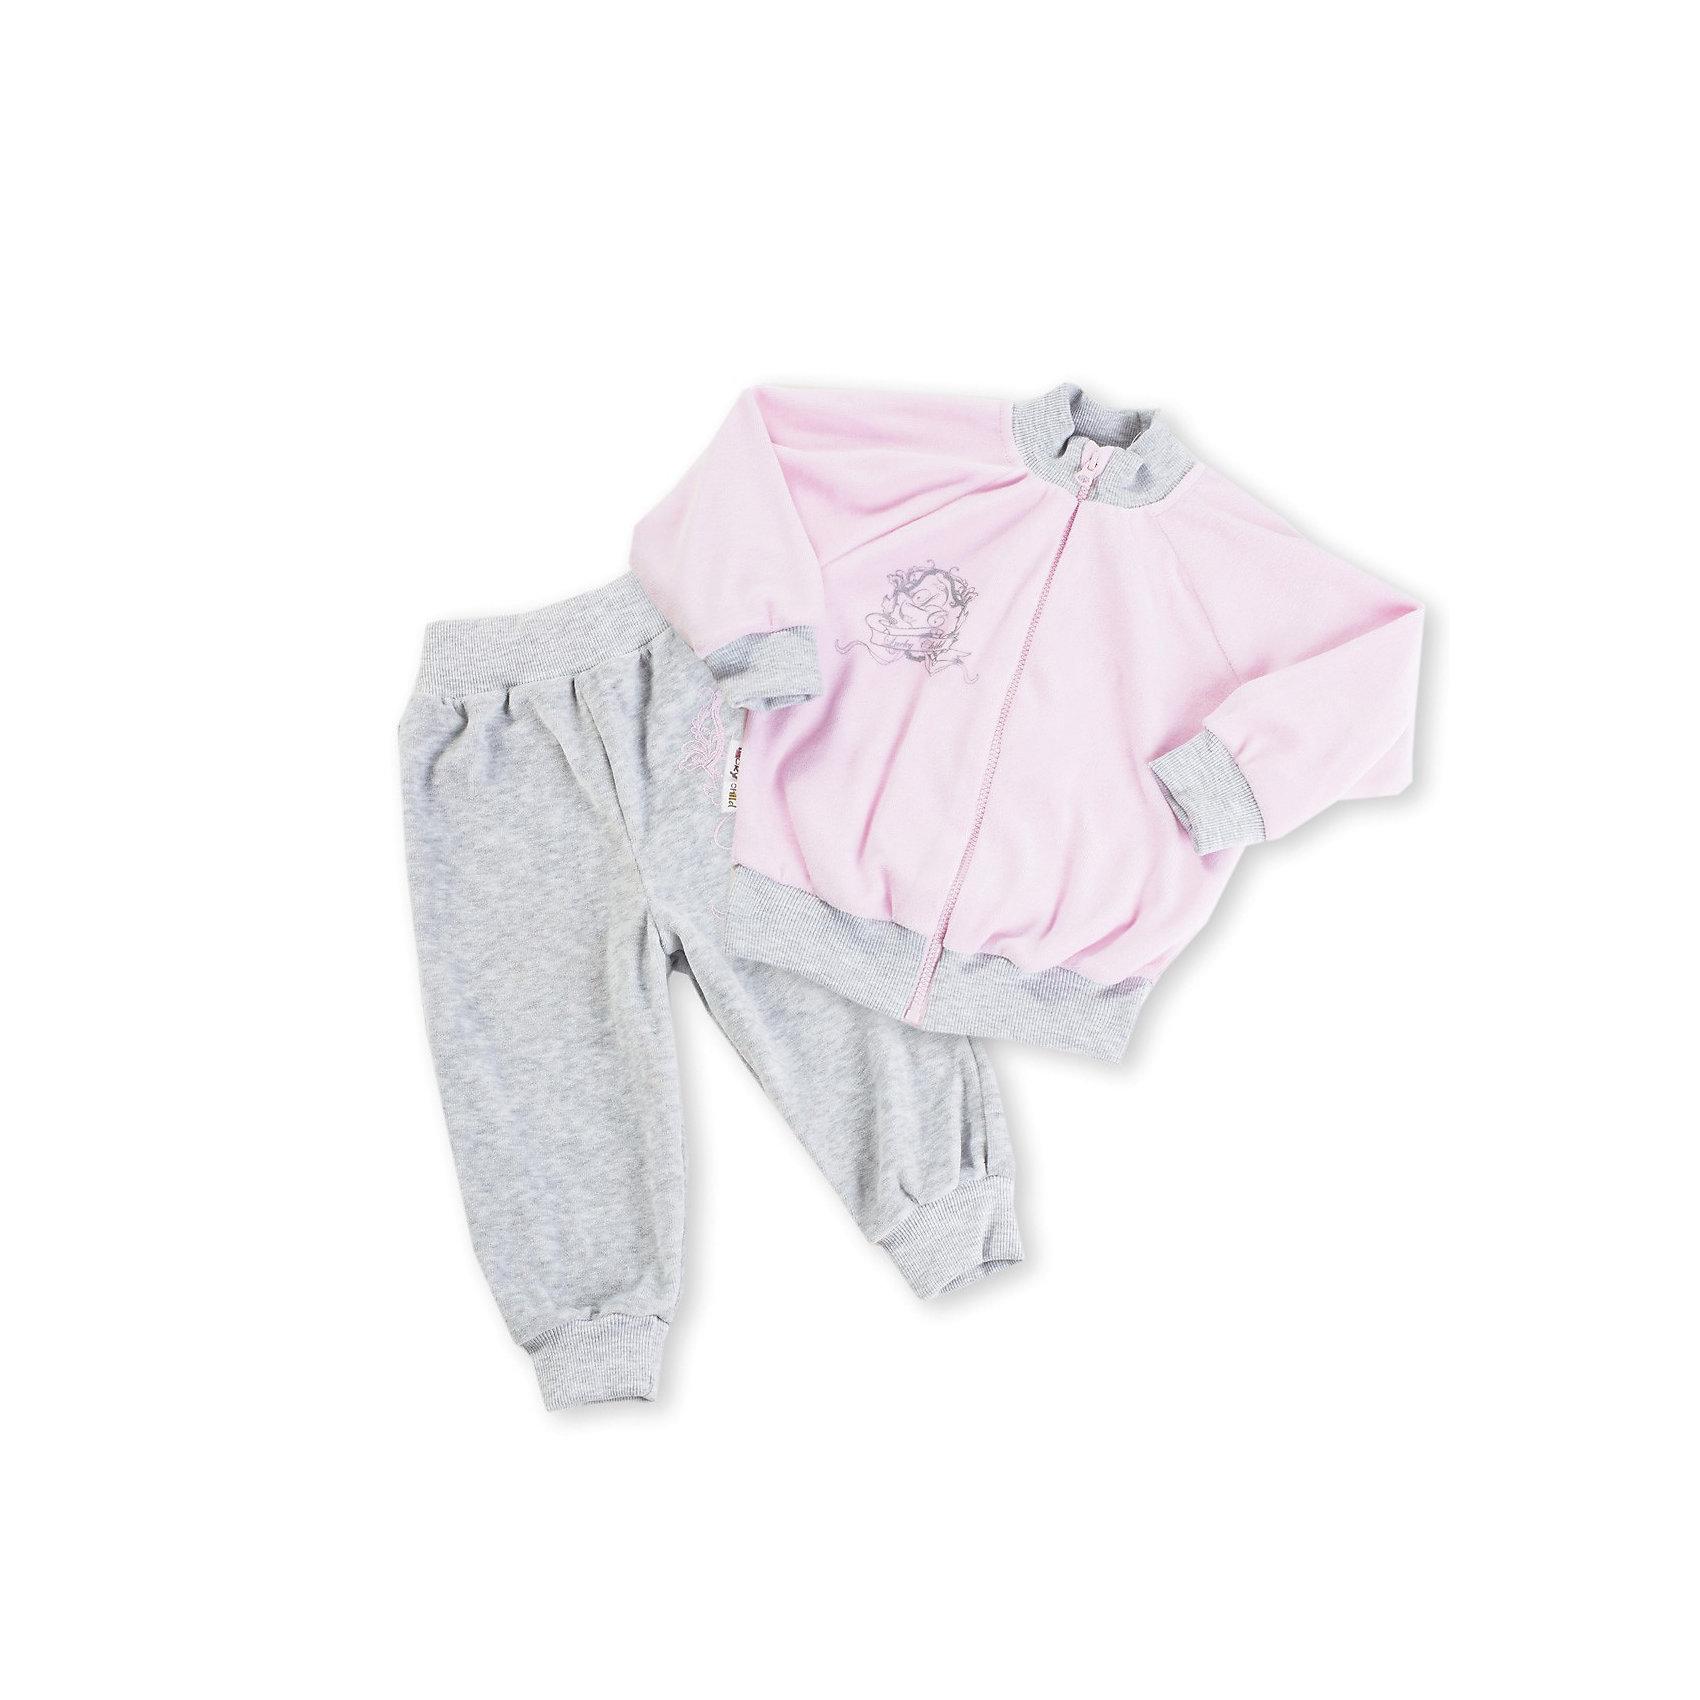 Комплект для девочки: брюки и толстовка Lucky ChildКомплект велюровый для девочки: брюки и толстовка от марки Lucky Child.<br>Состав: <br>80%  хлопок <br>20% вискозы<br><br>Ширина мм: 157<br>Глубина мм: 13<br>Высота мм: 119<br>Вес г: 200<br>Цвет: розовый<br>Возраст от месяцев: 12<br>Возраст до месяцев: 18<br>Пол: Женский<br>Возраст: Детский<br>Размер: 86/92,62/68,68/74,98/104,74/80,80/86,92/98<br>SKU: 2634985